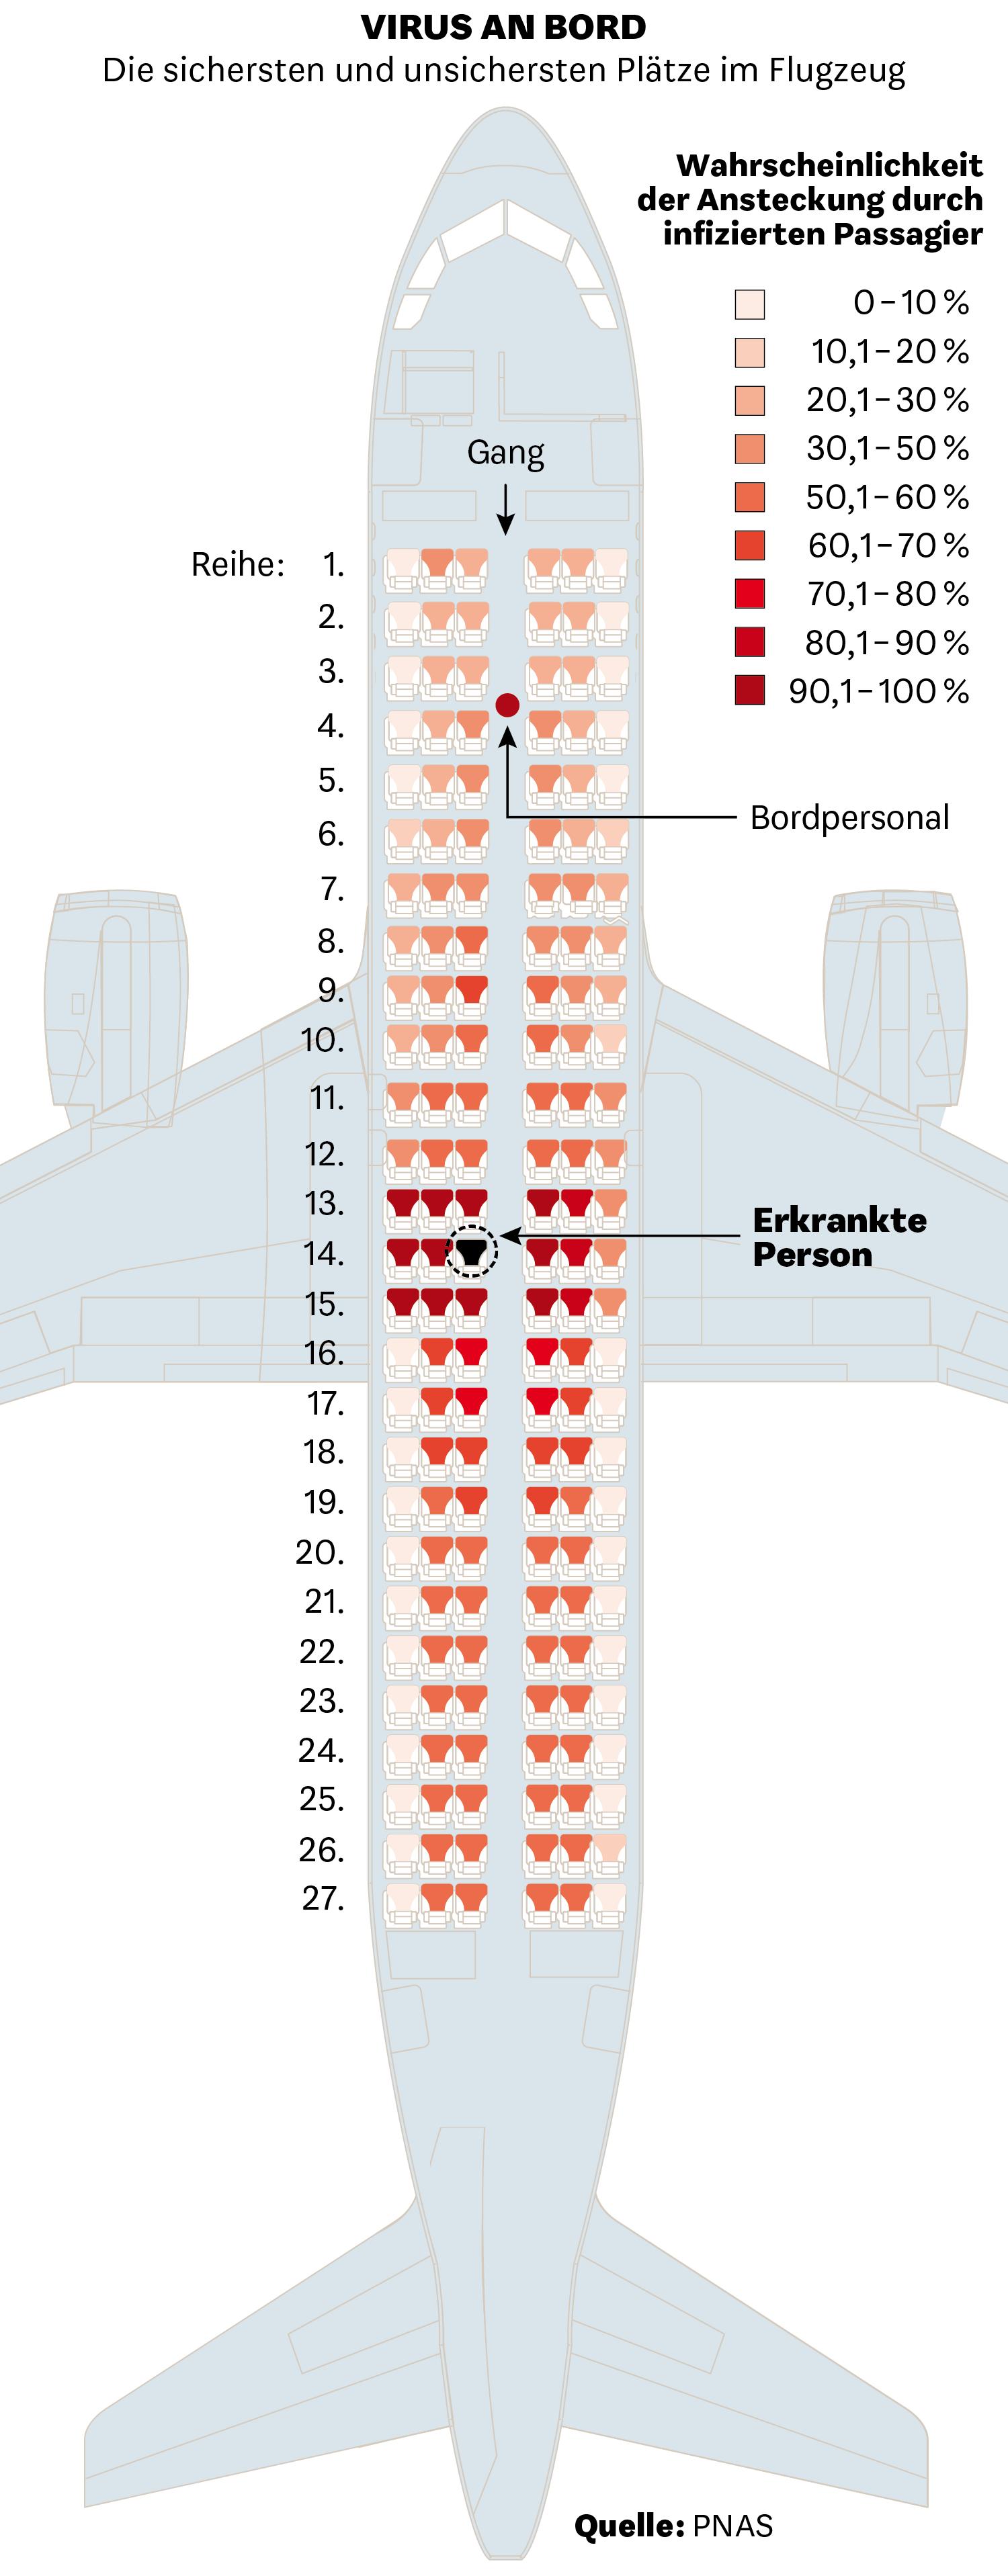 Das sind die sichersten Plätze im Flugzeug